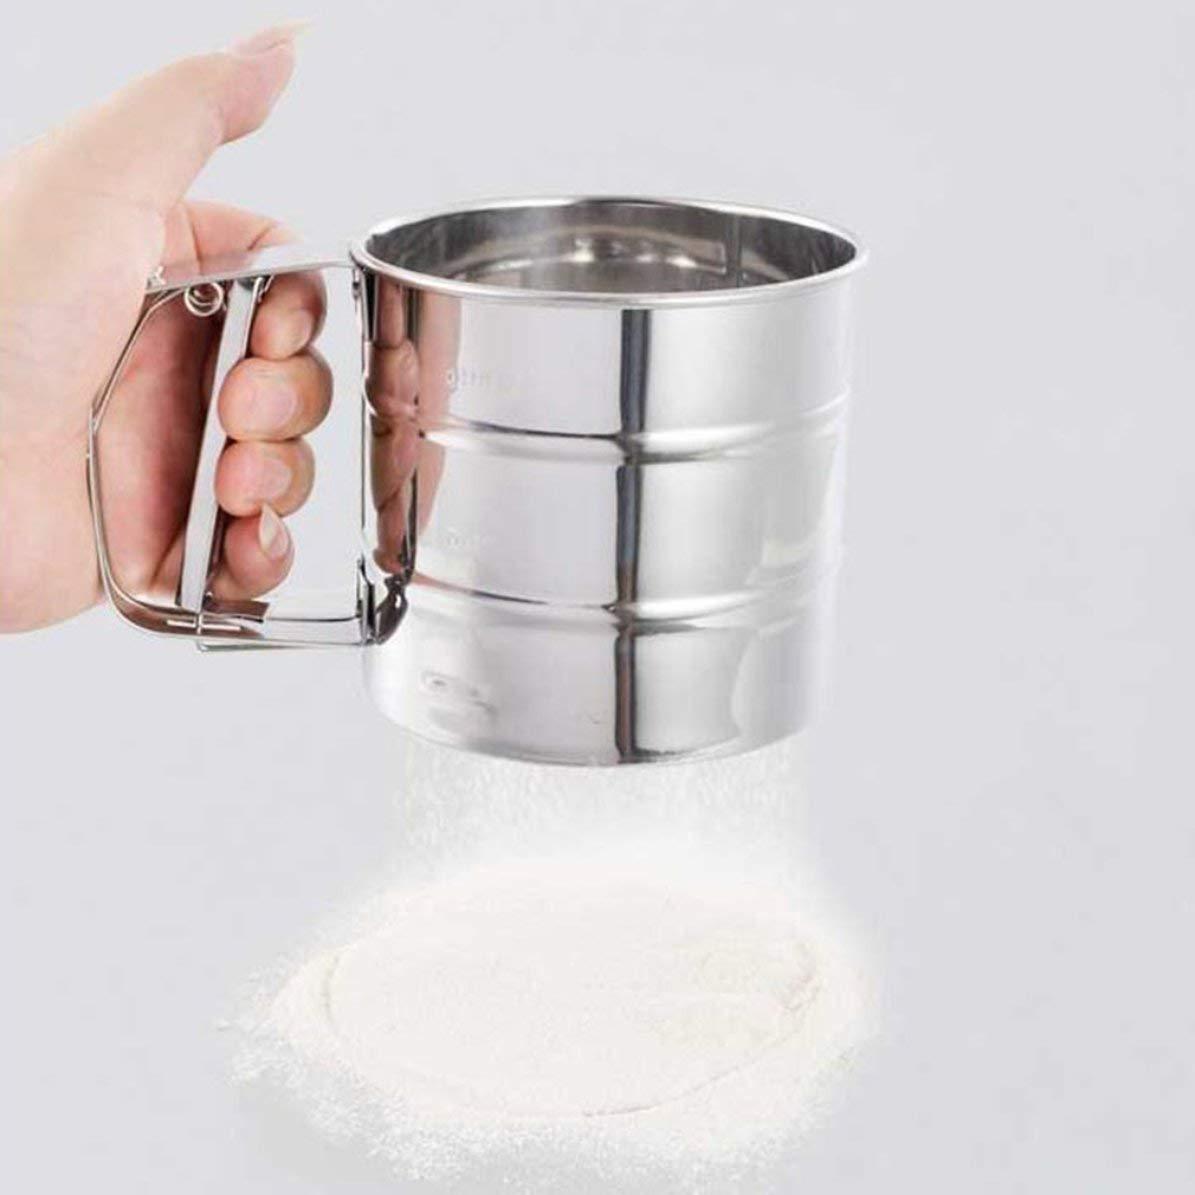 Qualit/à superiore Setaccio in acciaio inox Setaccio per farine a cottura meccanica Setaccio agitatore per zucchero a velo ghiacciatoStylish